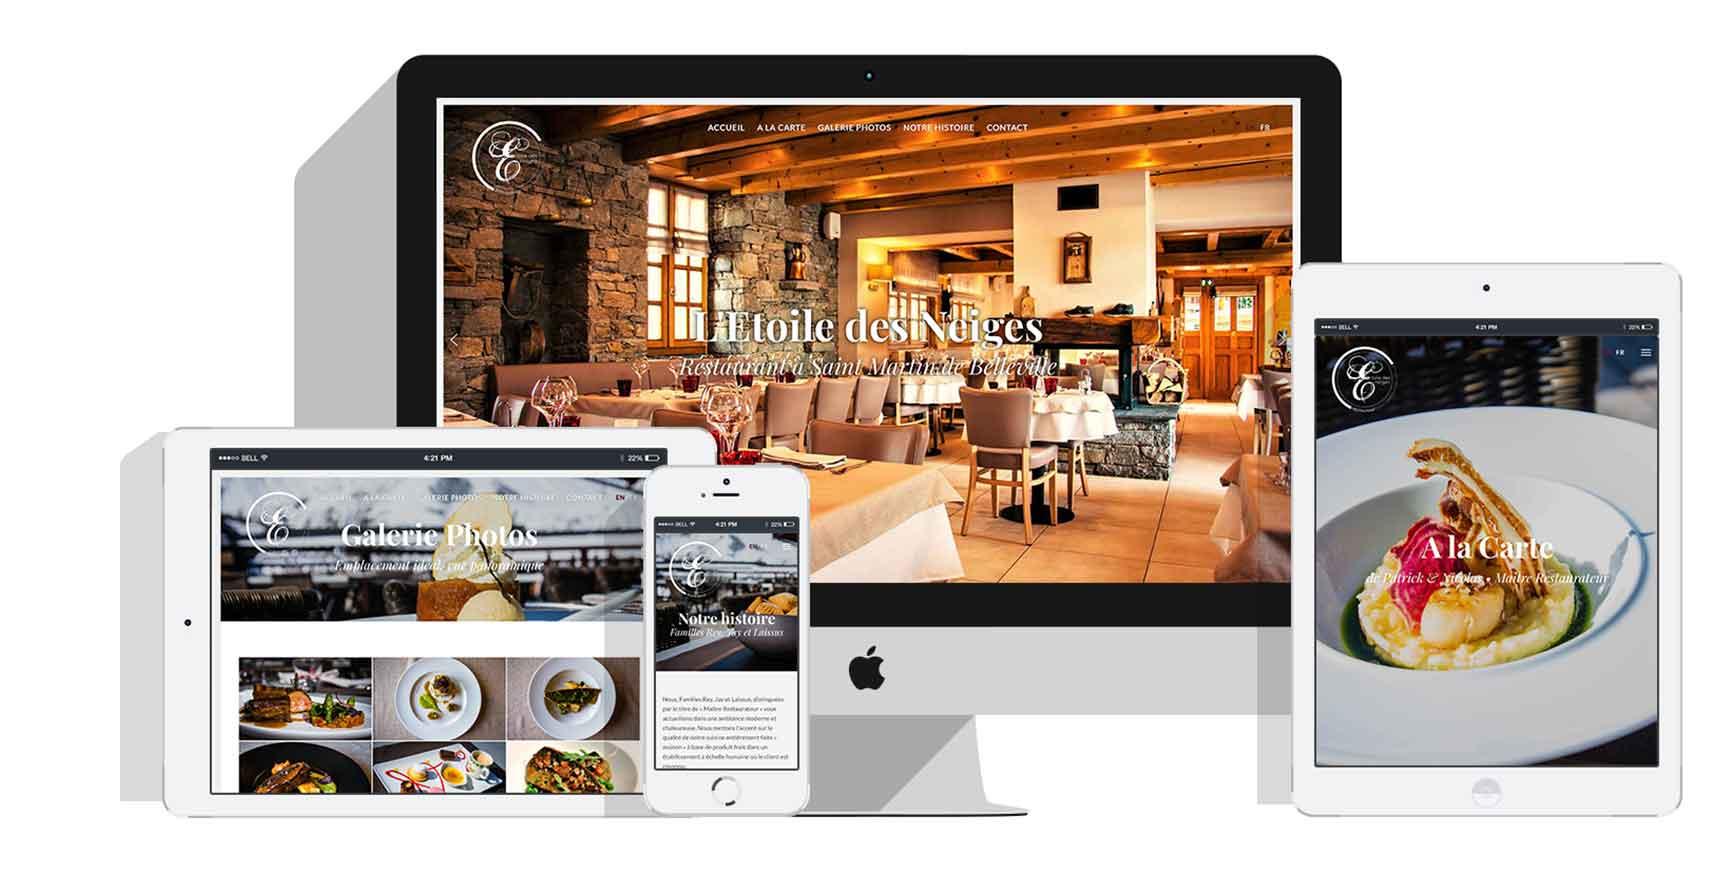 portfolio-etoiles-des-neiges-restaurant-florence-lau-la-ligne-graphique-graphiste-site-internet-infographie-webdesign-savoie-tarentaise-meribel-menuires-courchevel